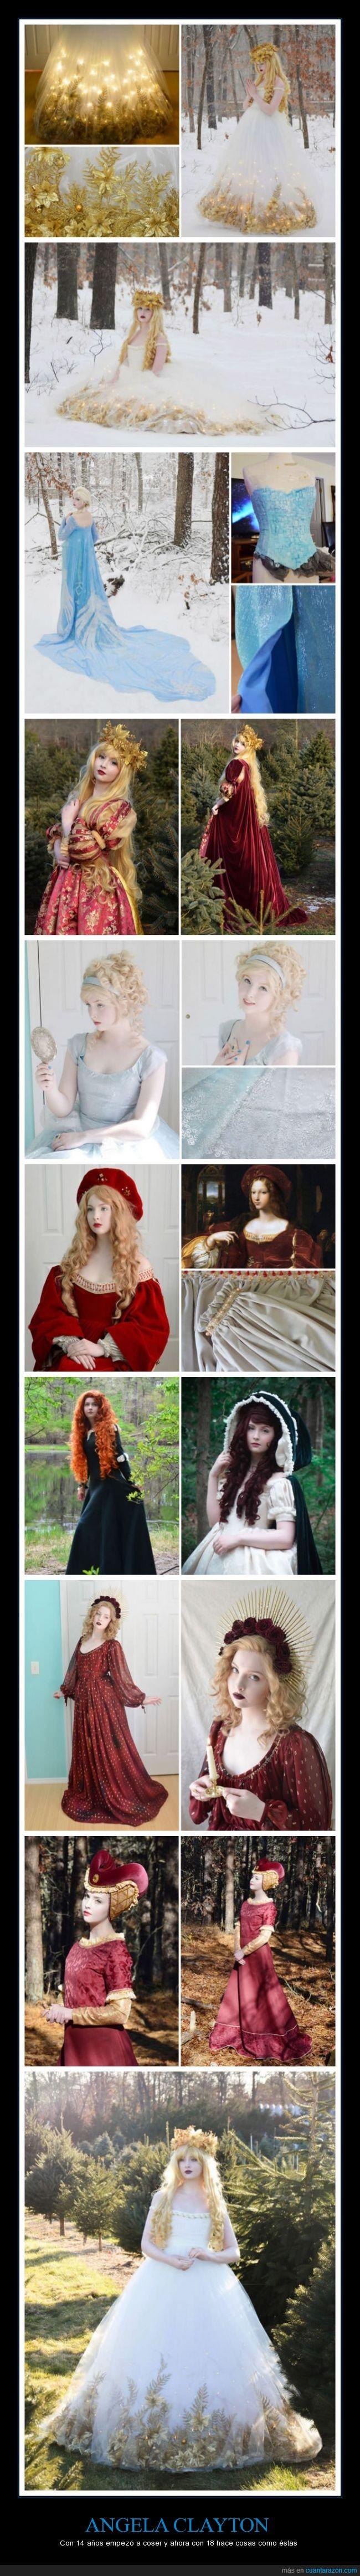 Angela Clayton,arte,confección,coser,cosplay,disfraz,merida,trajes